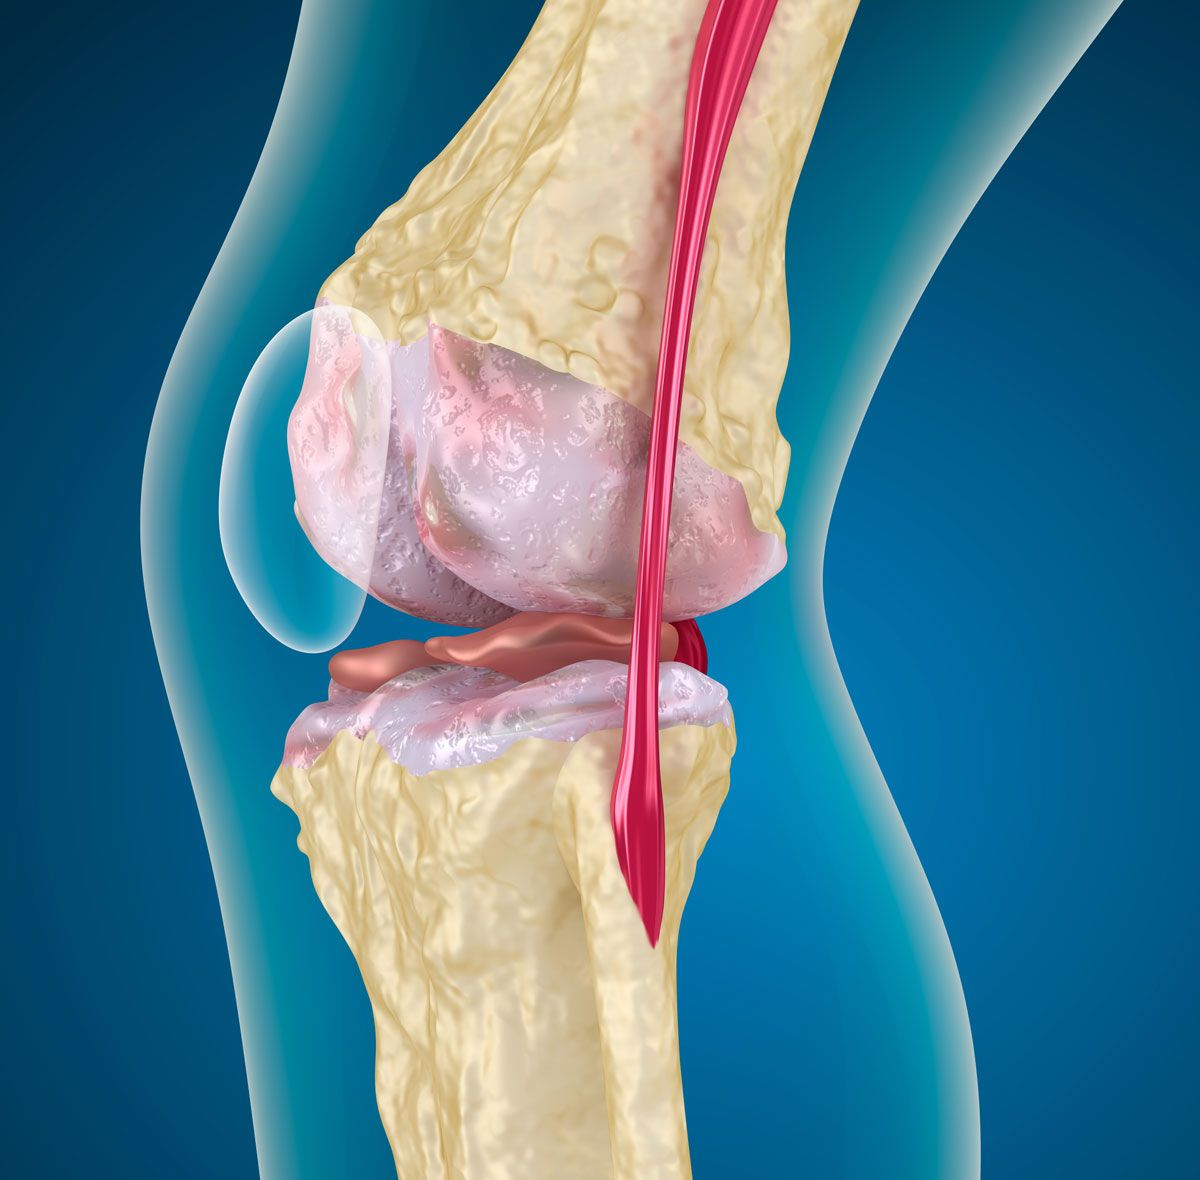 Заболевания коленного сустава: частые и редкие патологии, их симптомы и лечение